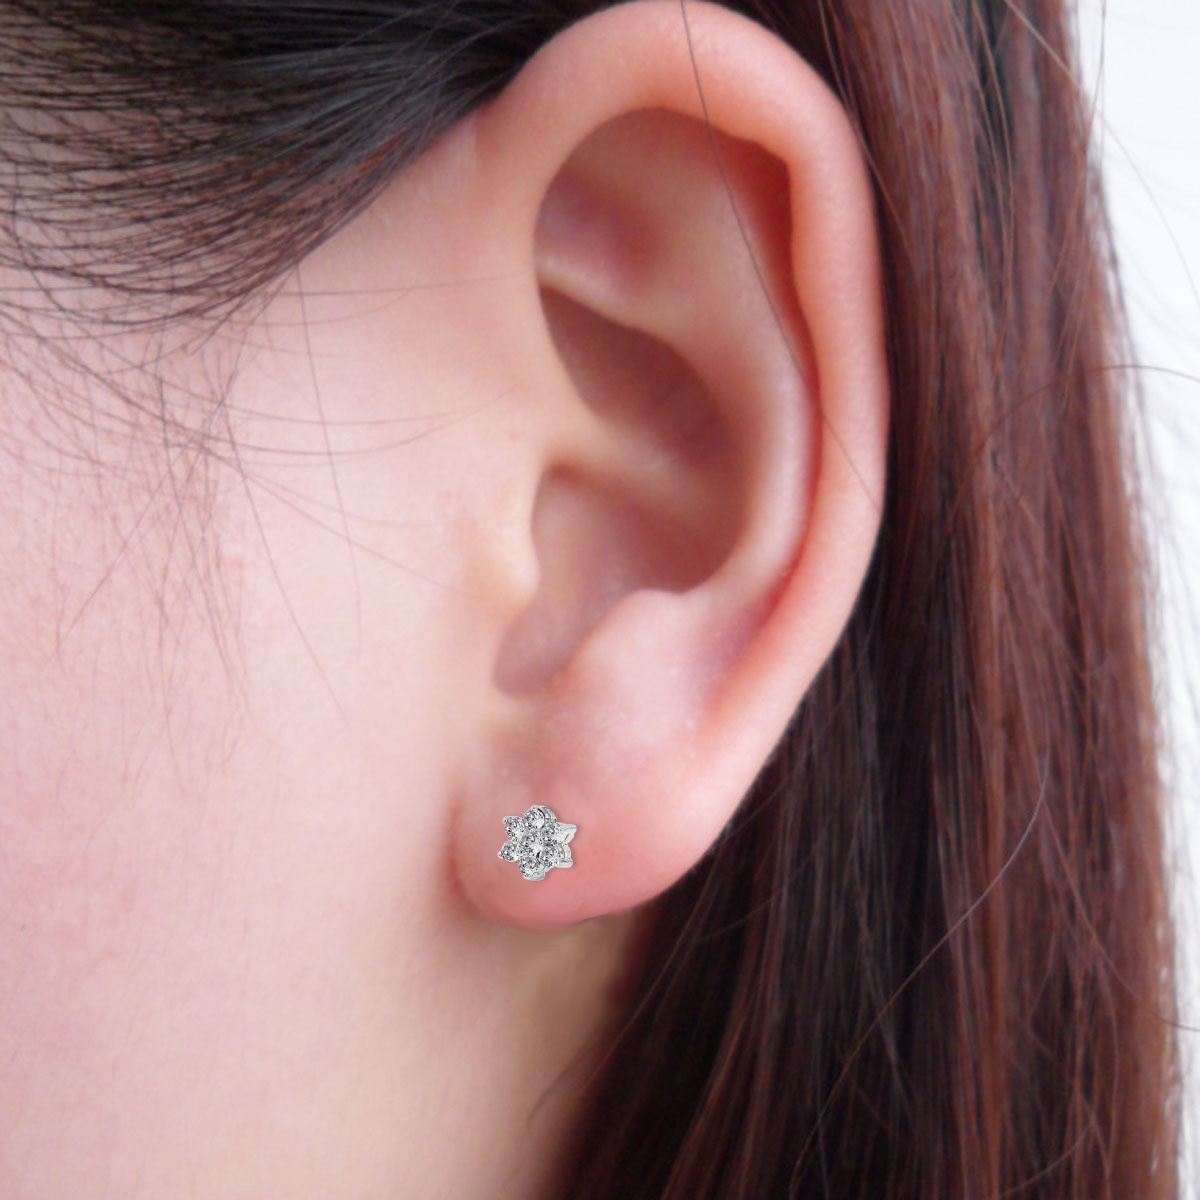 Золоті сережки з діамантами «Діамантова квіточка»